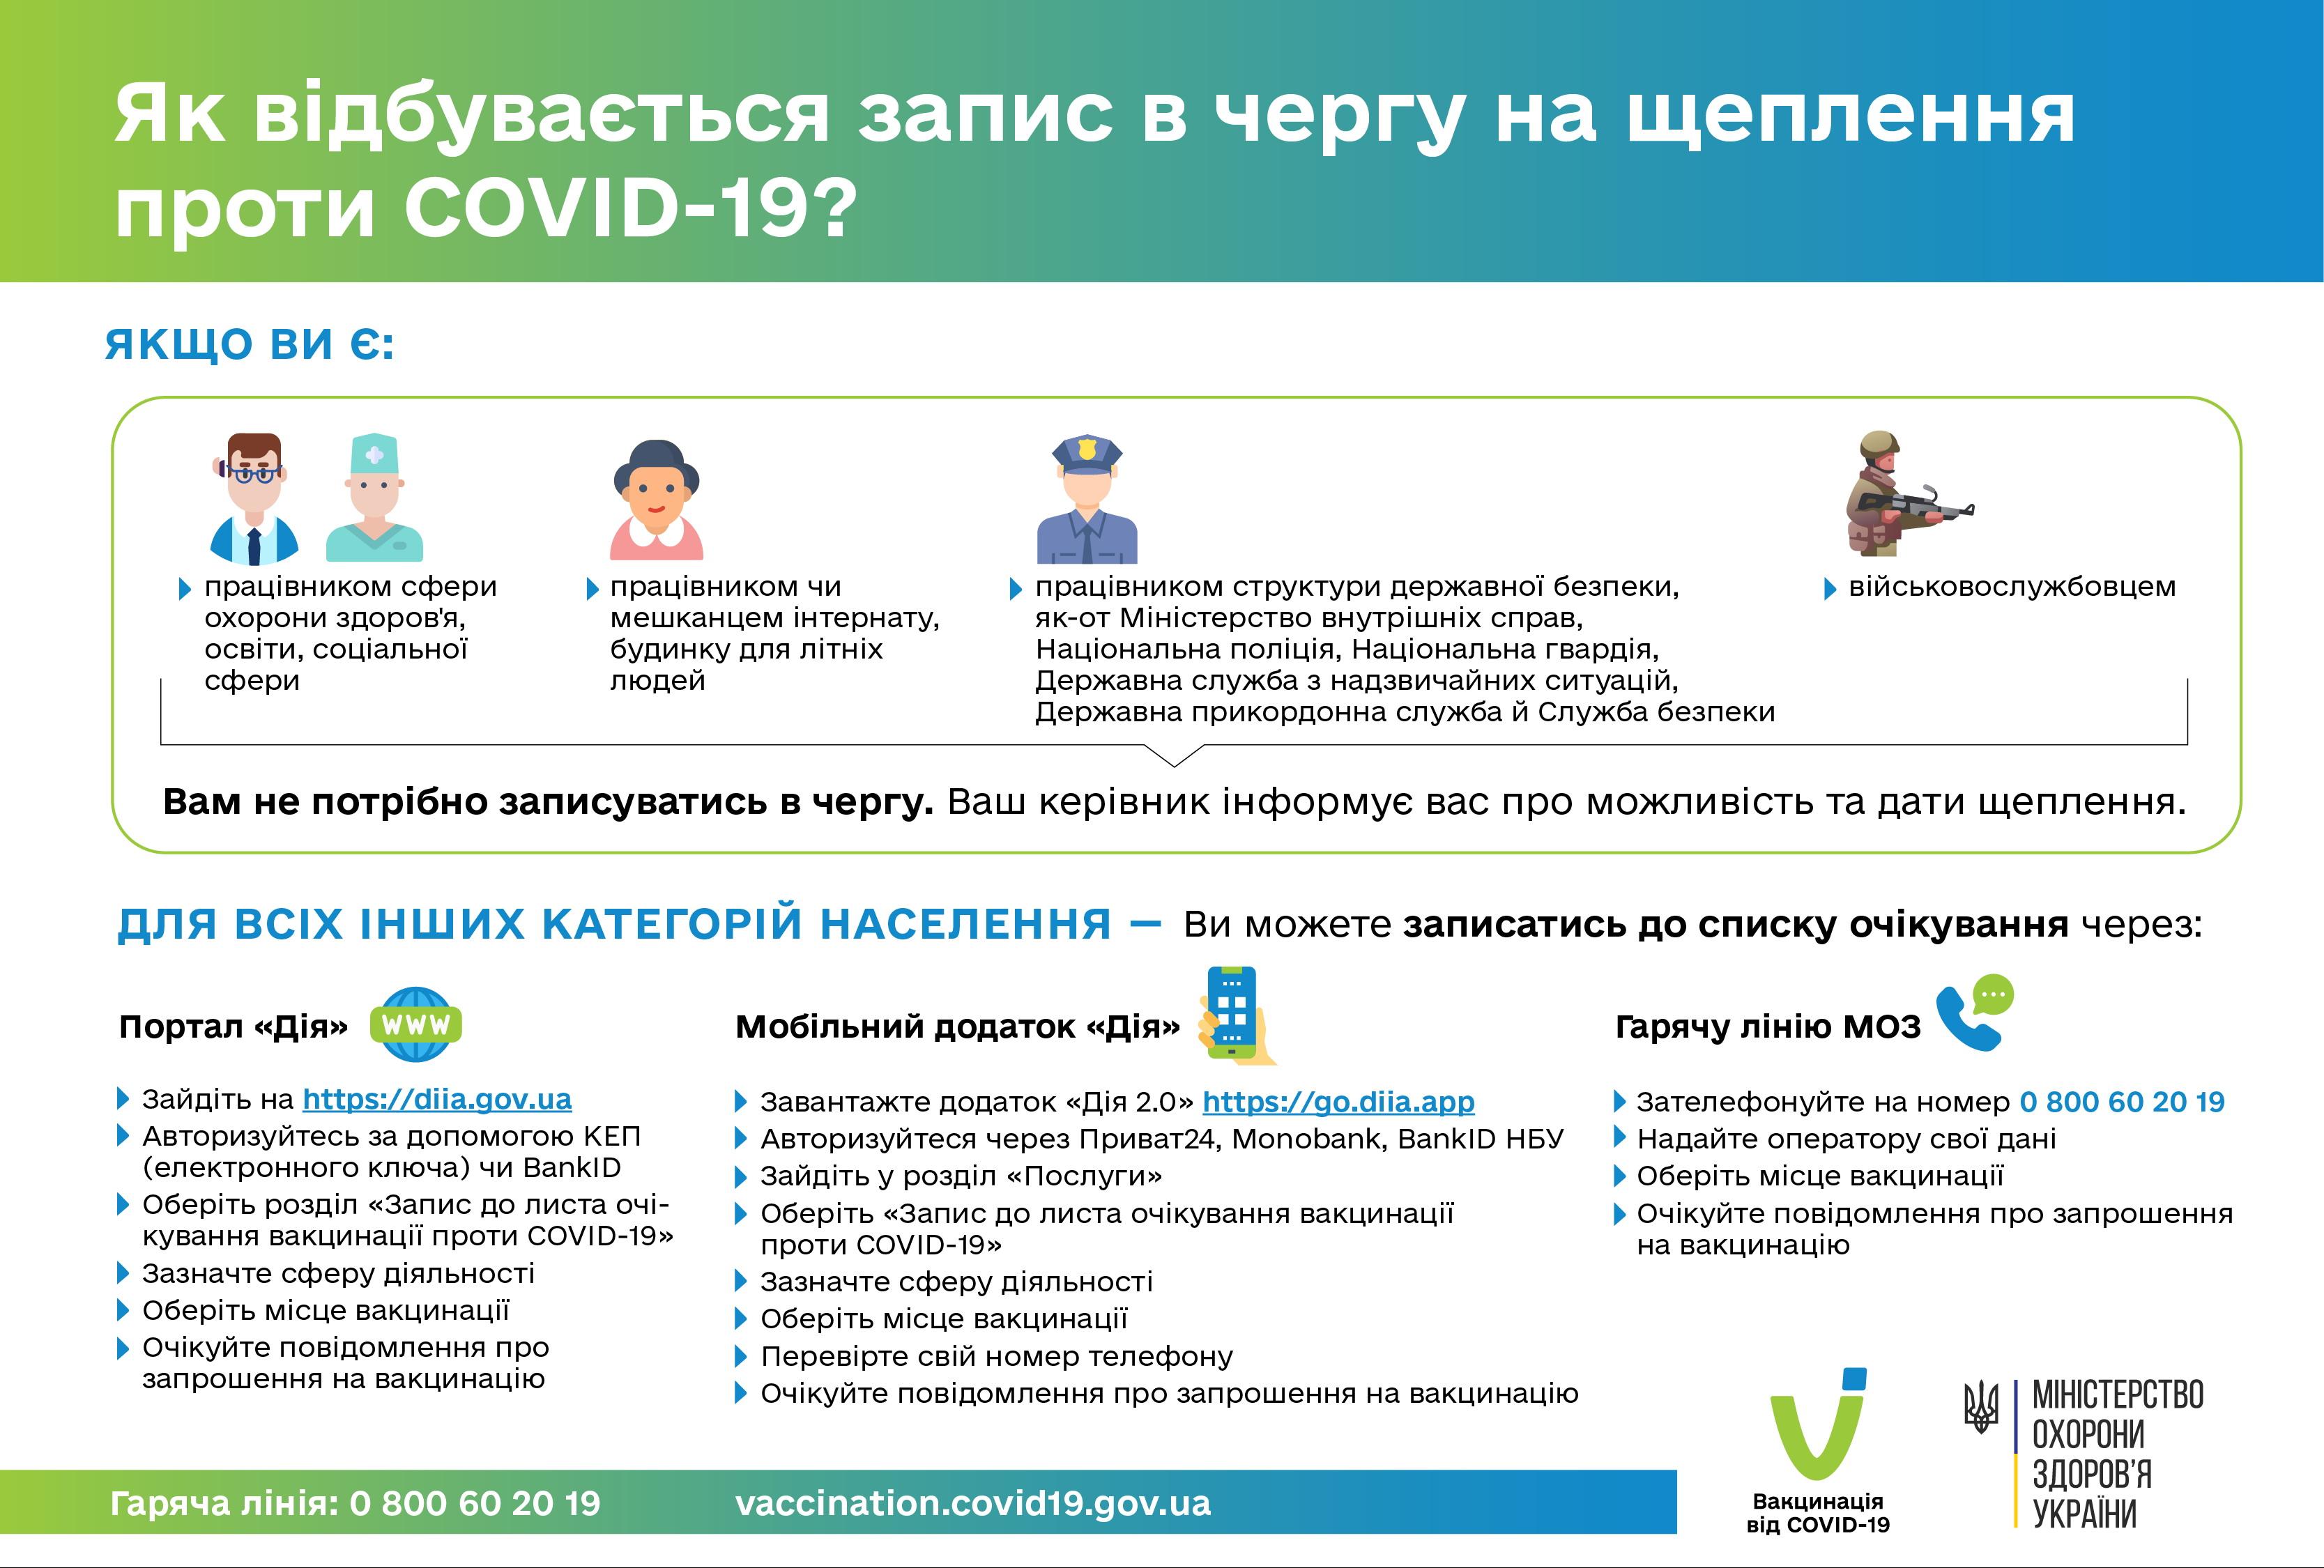 Как записаться на вакцинацию от COVID-19